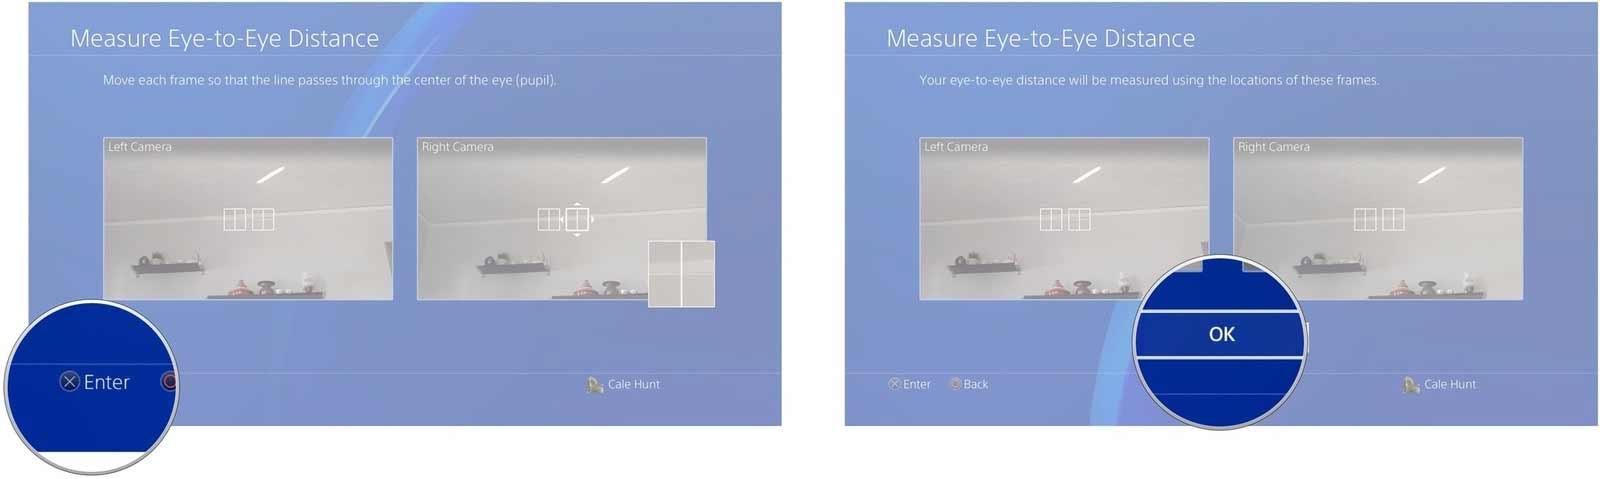 Межзрачковое расстояние в Playstation VR: как настроить точно и вручную - #PlayStationVR